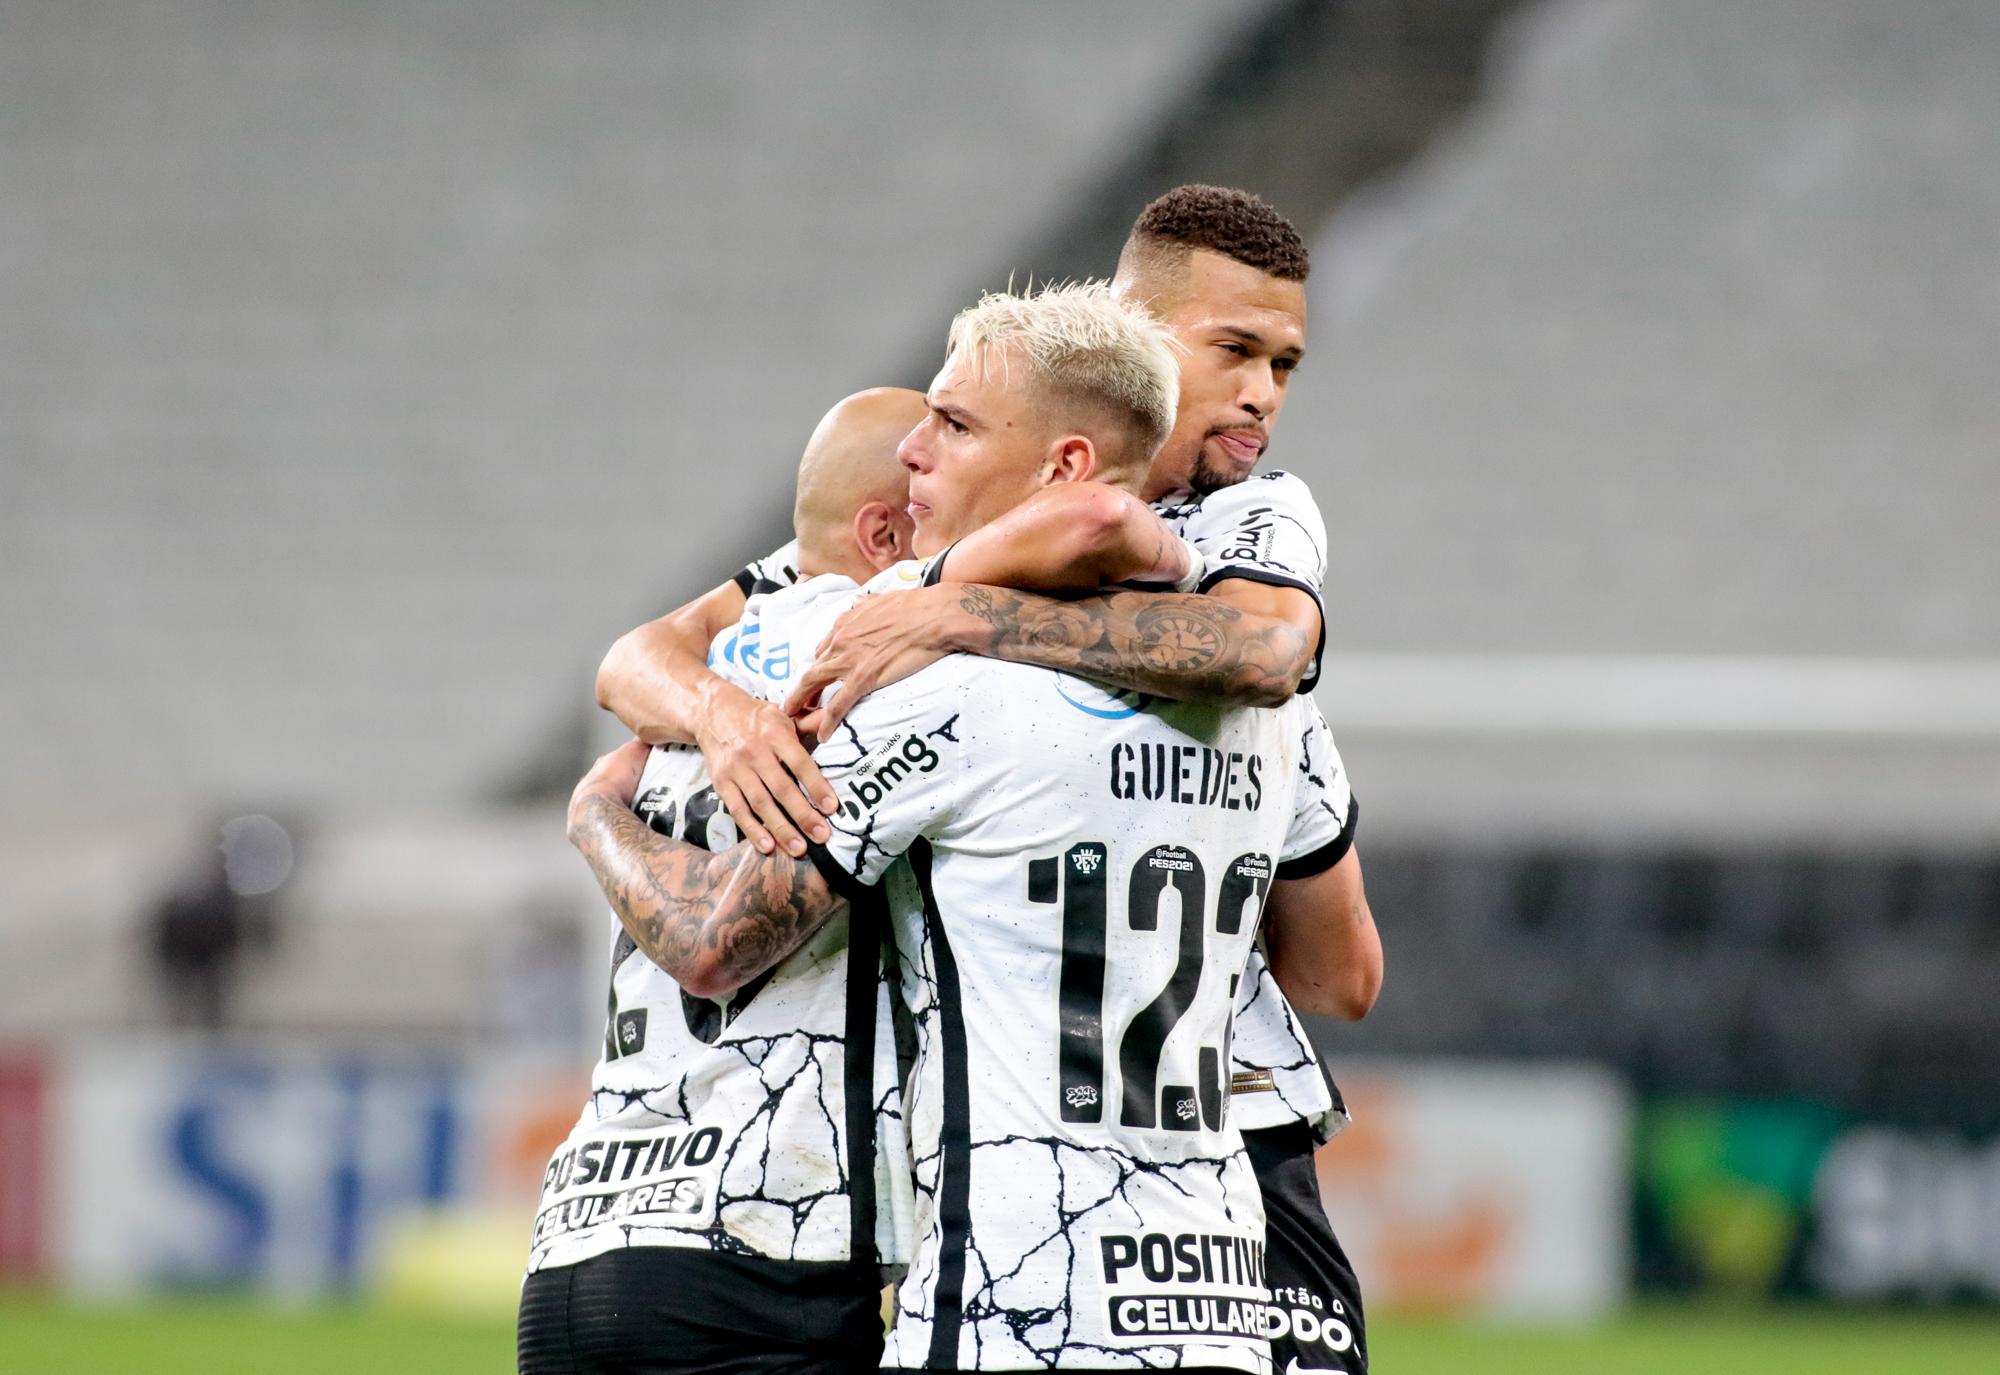 Com a Fiel na arquibancada, Corinthians encara Fluminense pelo Brasileirão